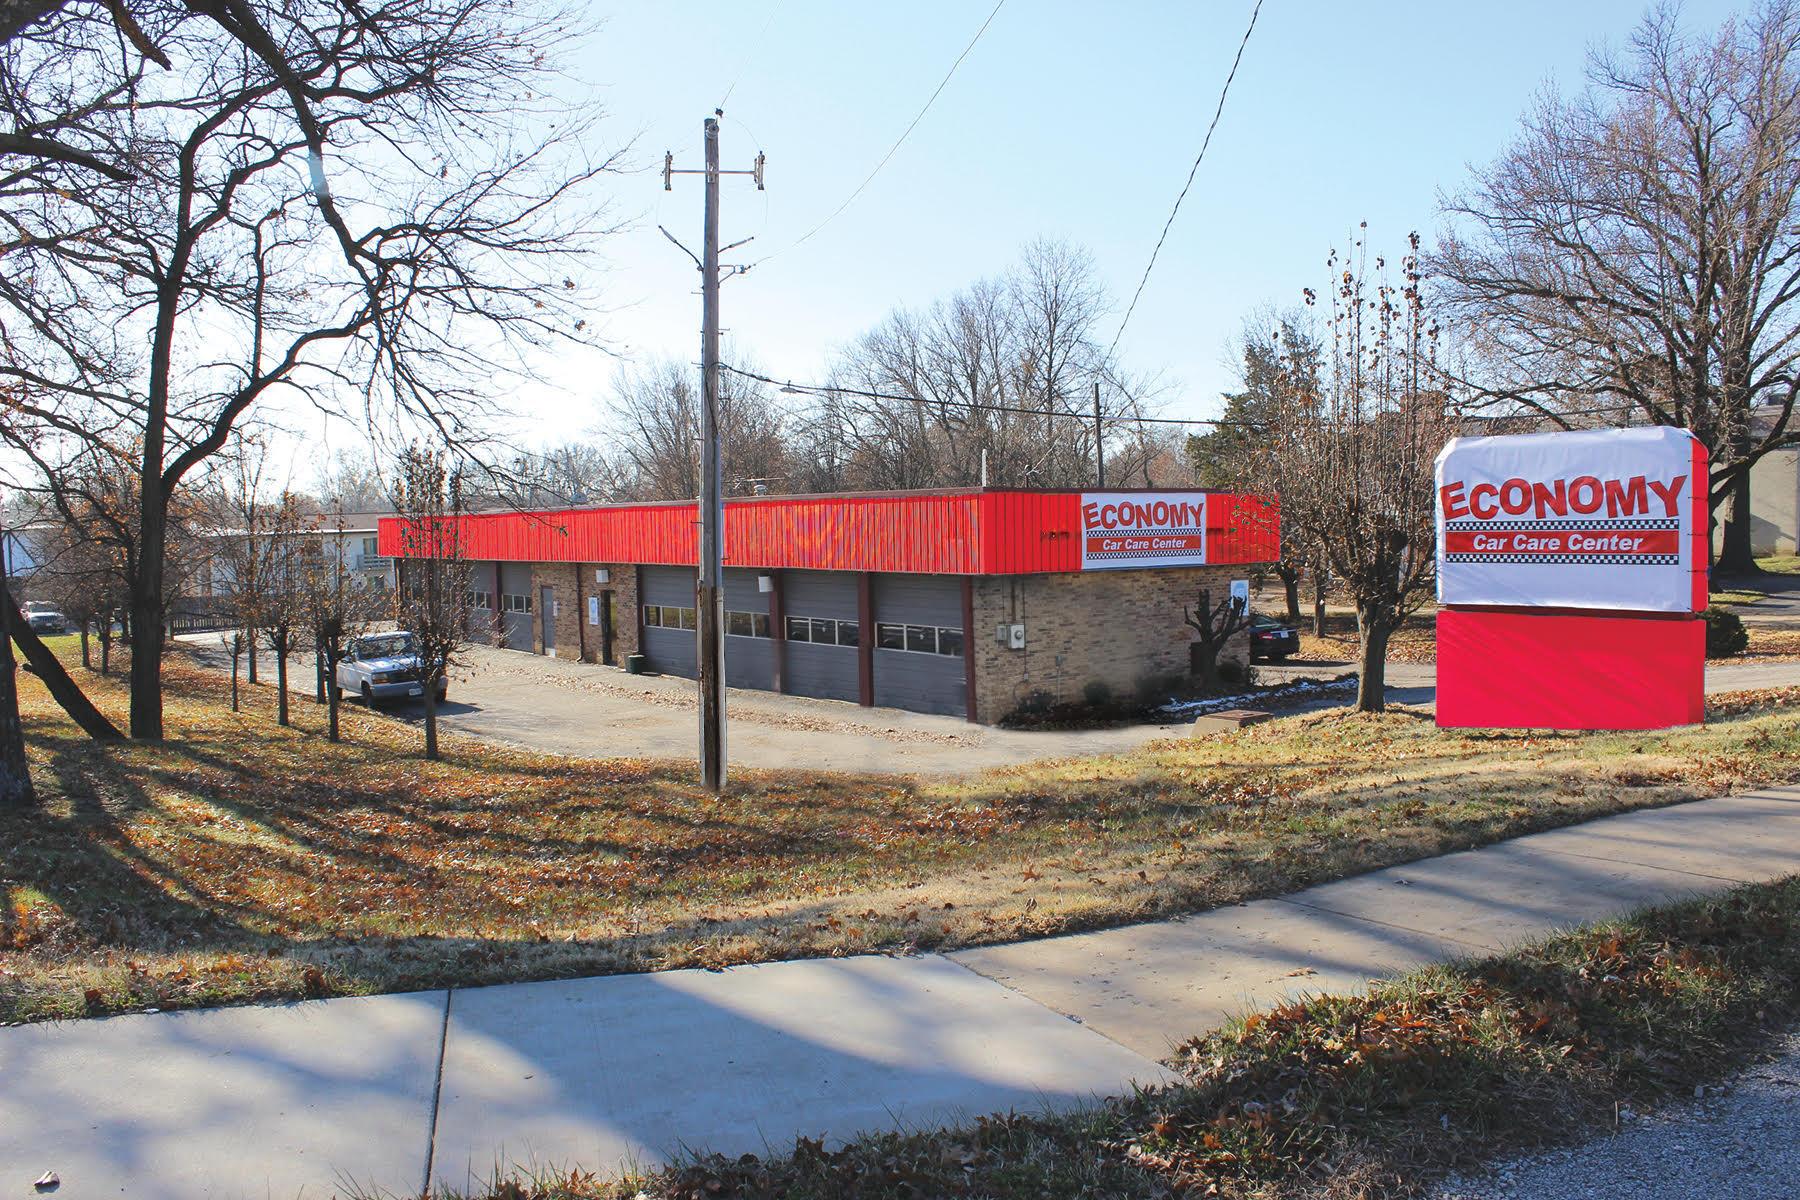 Economy Car Care Center image 1